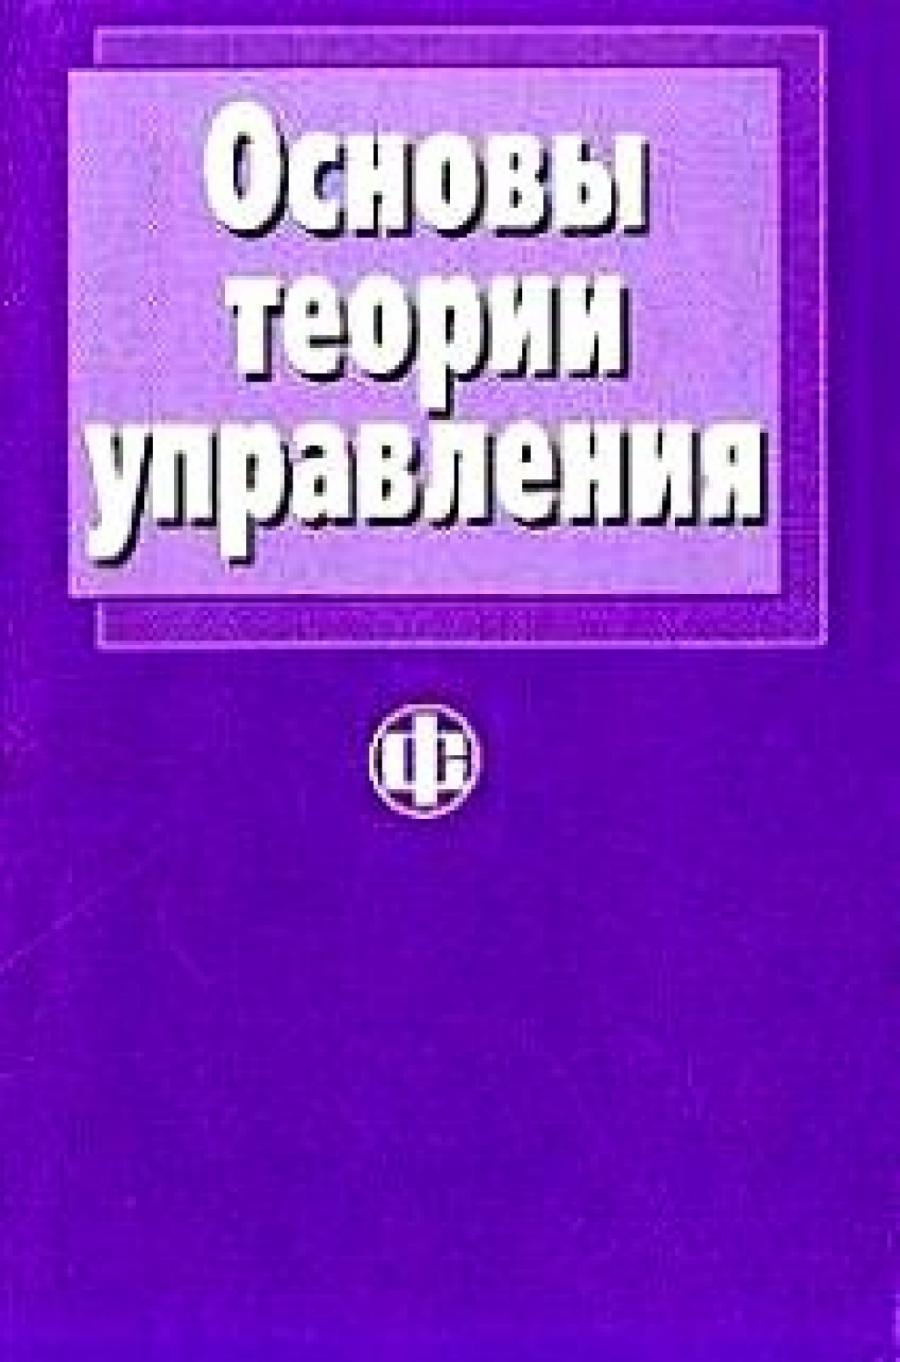 Обложка книги:  парахина в. н., ушвицкий л. и. и др. - основы теории управления